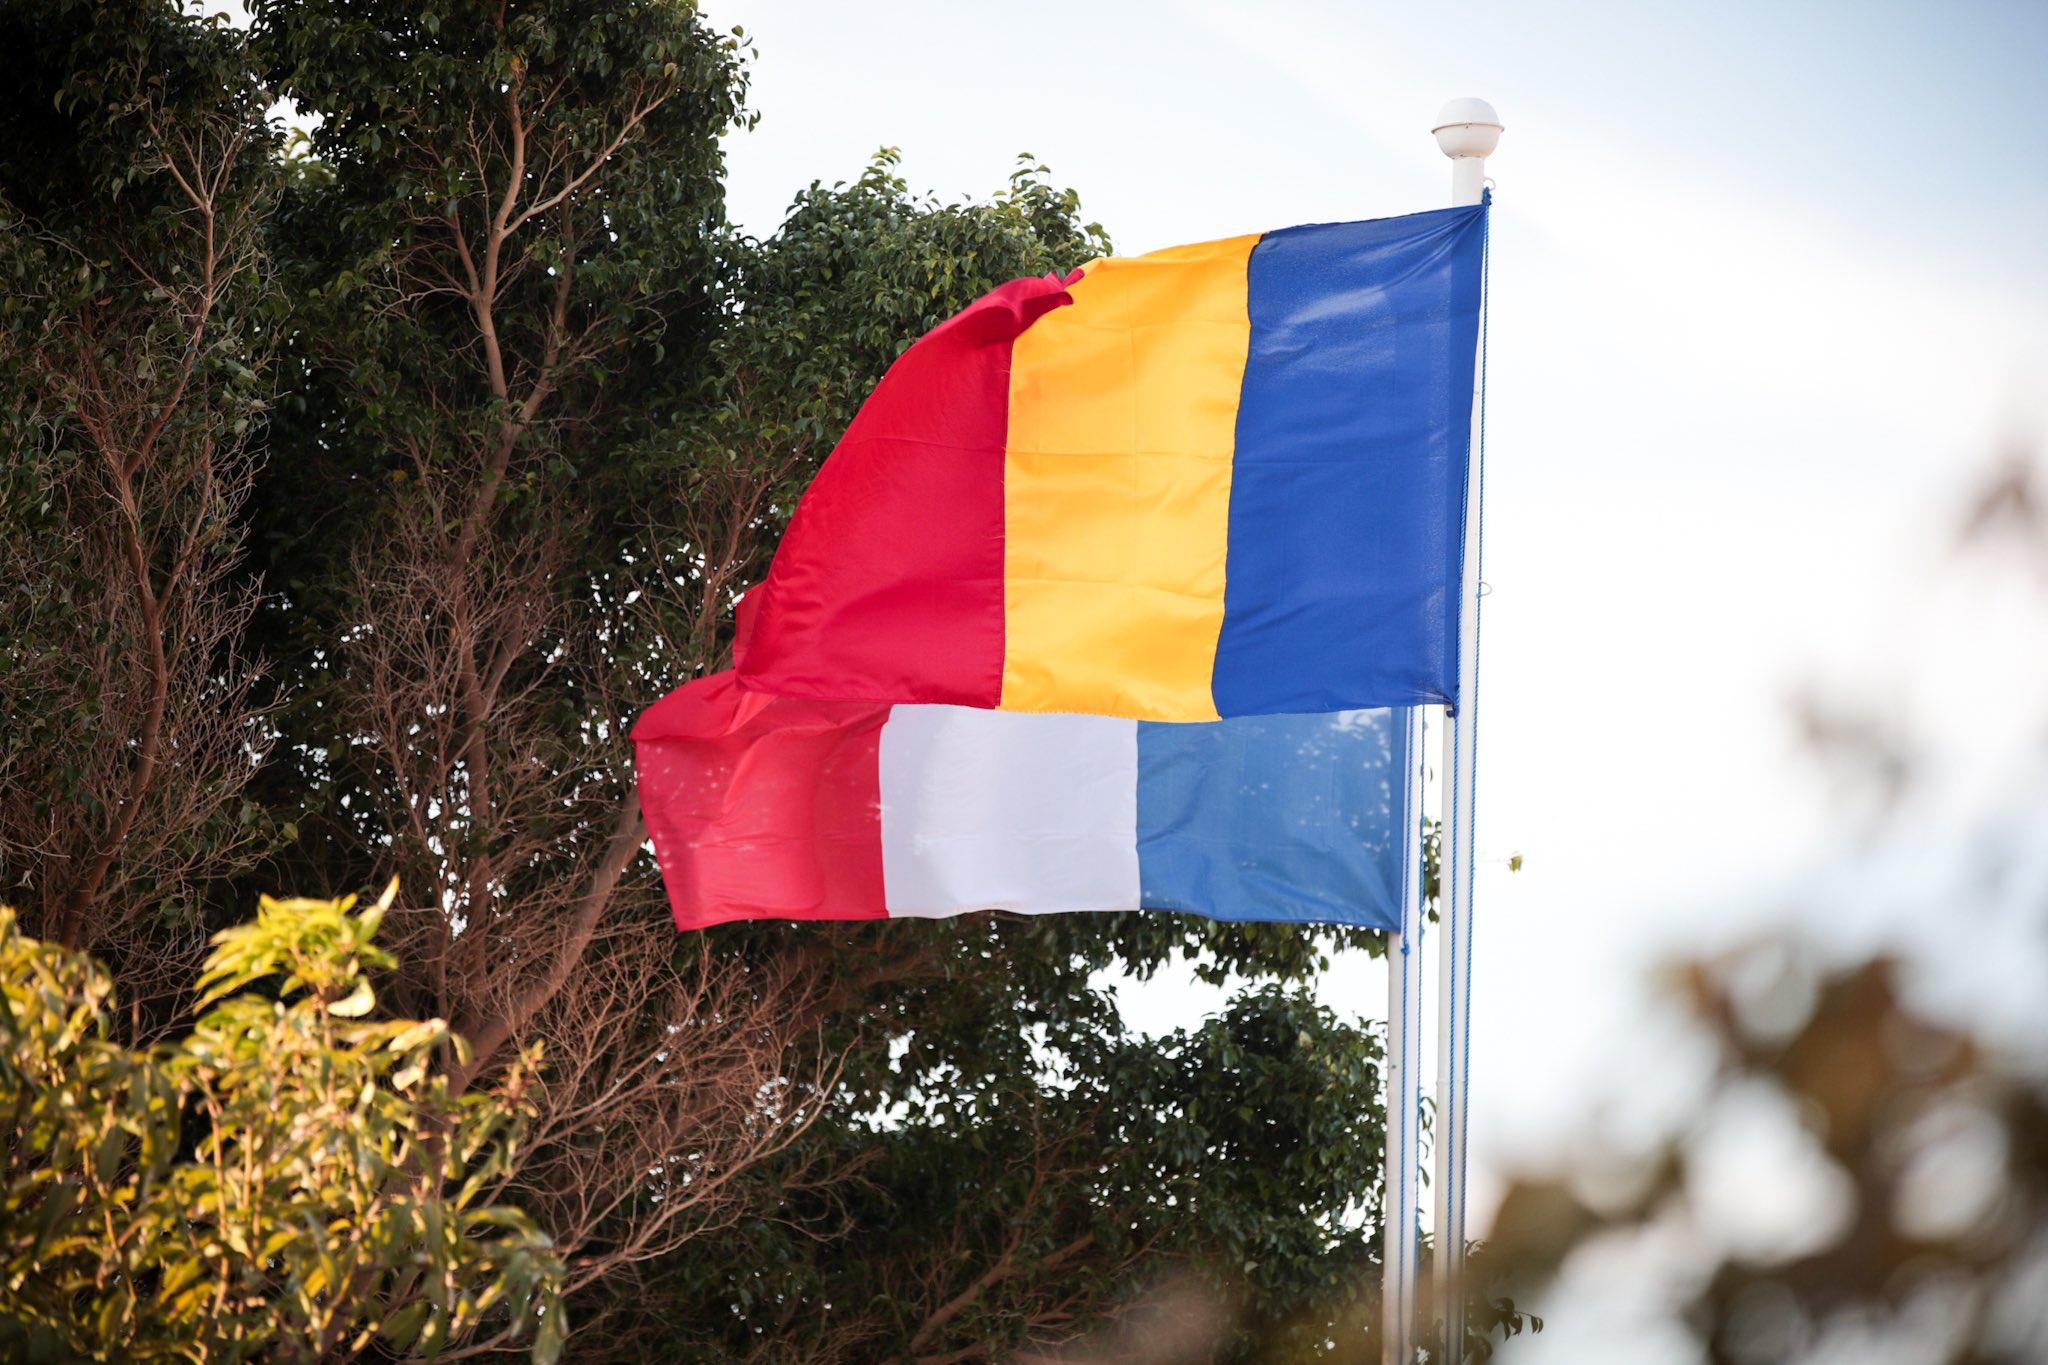 Coopération militaire : la France a remis un don d'équipements au Tchad. Illustration © DR